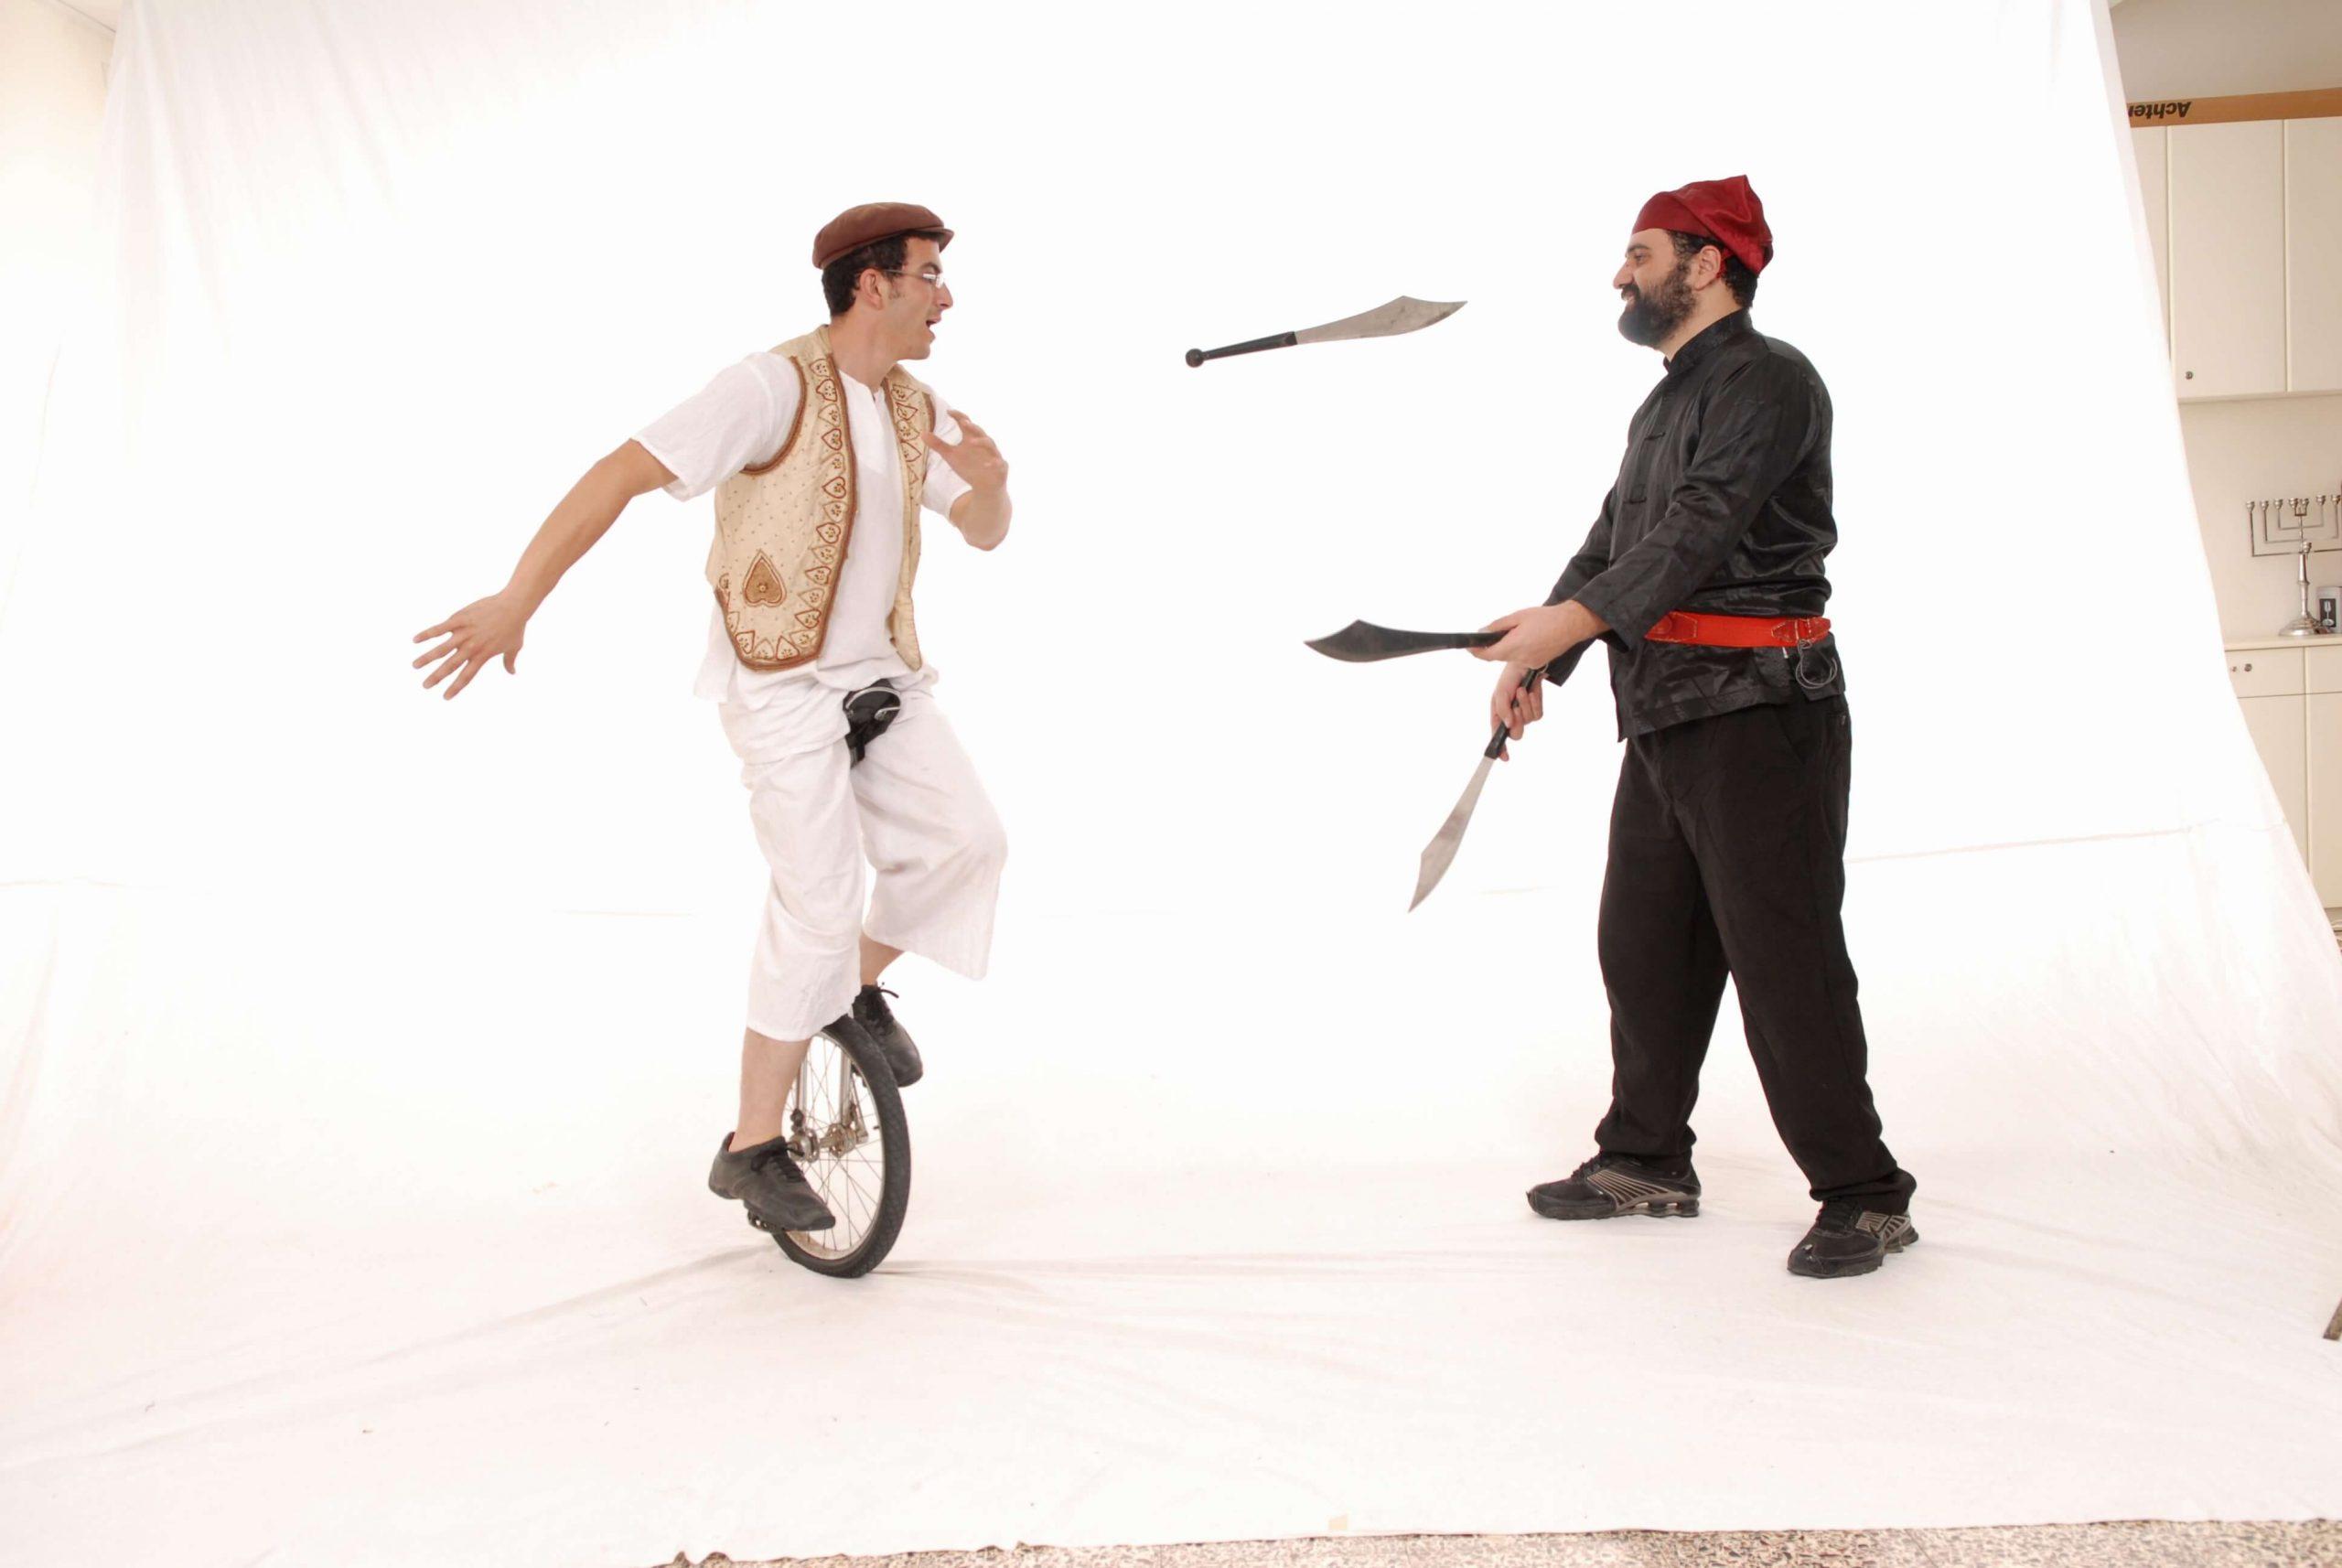 יהודה ועמי עושה ג'אגלינג עם חרבות